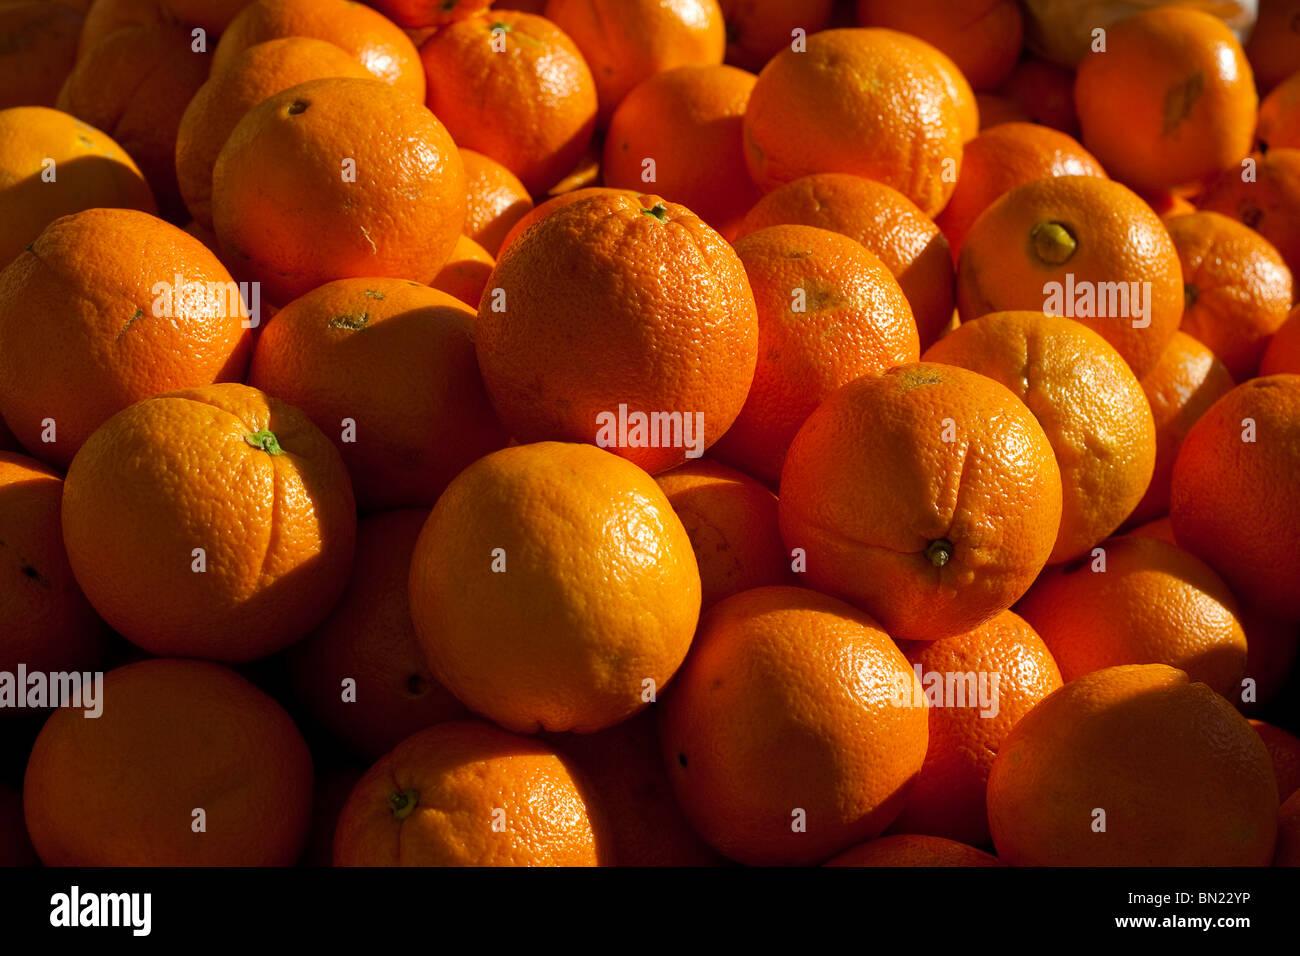 Frutto di mercato. Benavente, Spagna. Foto Stock